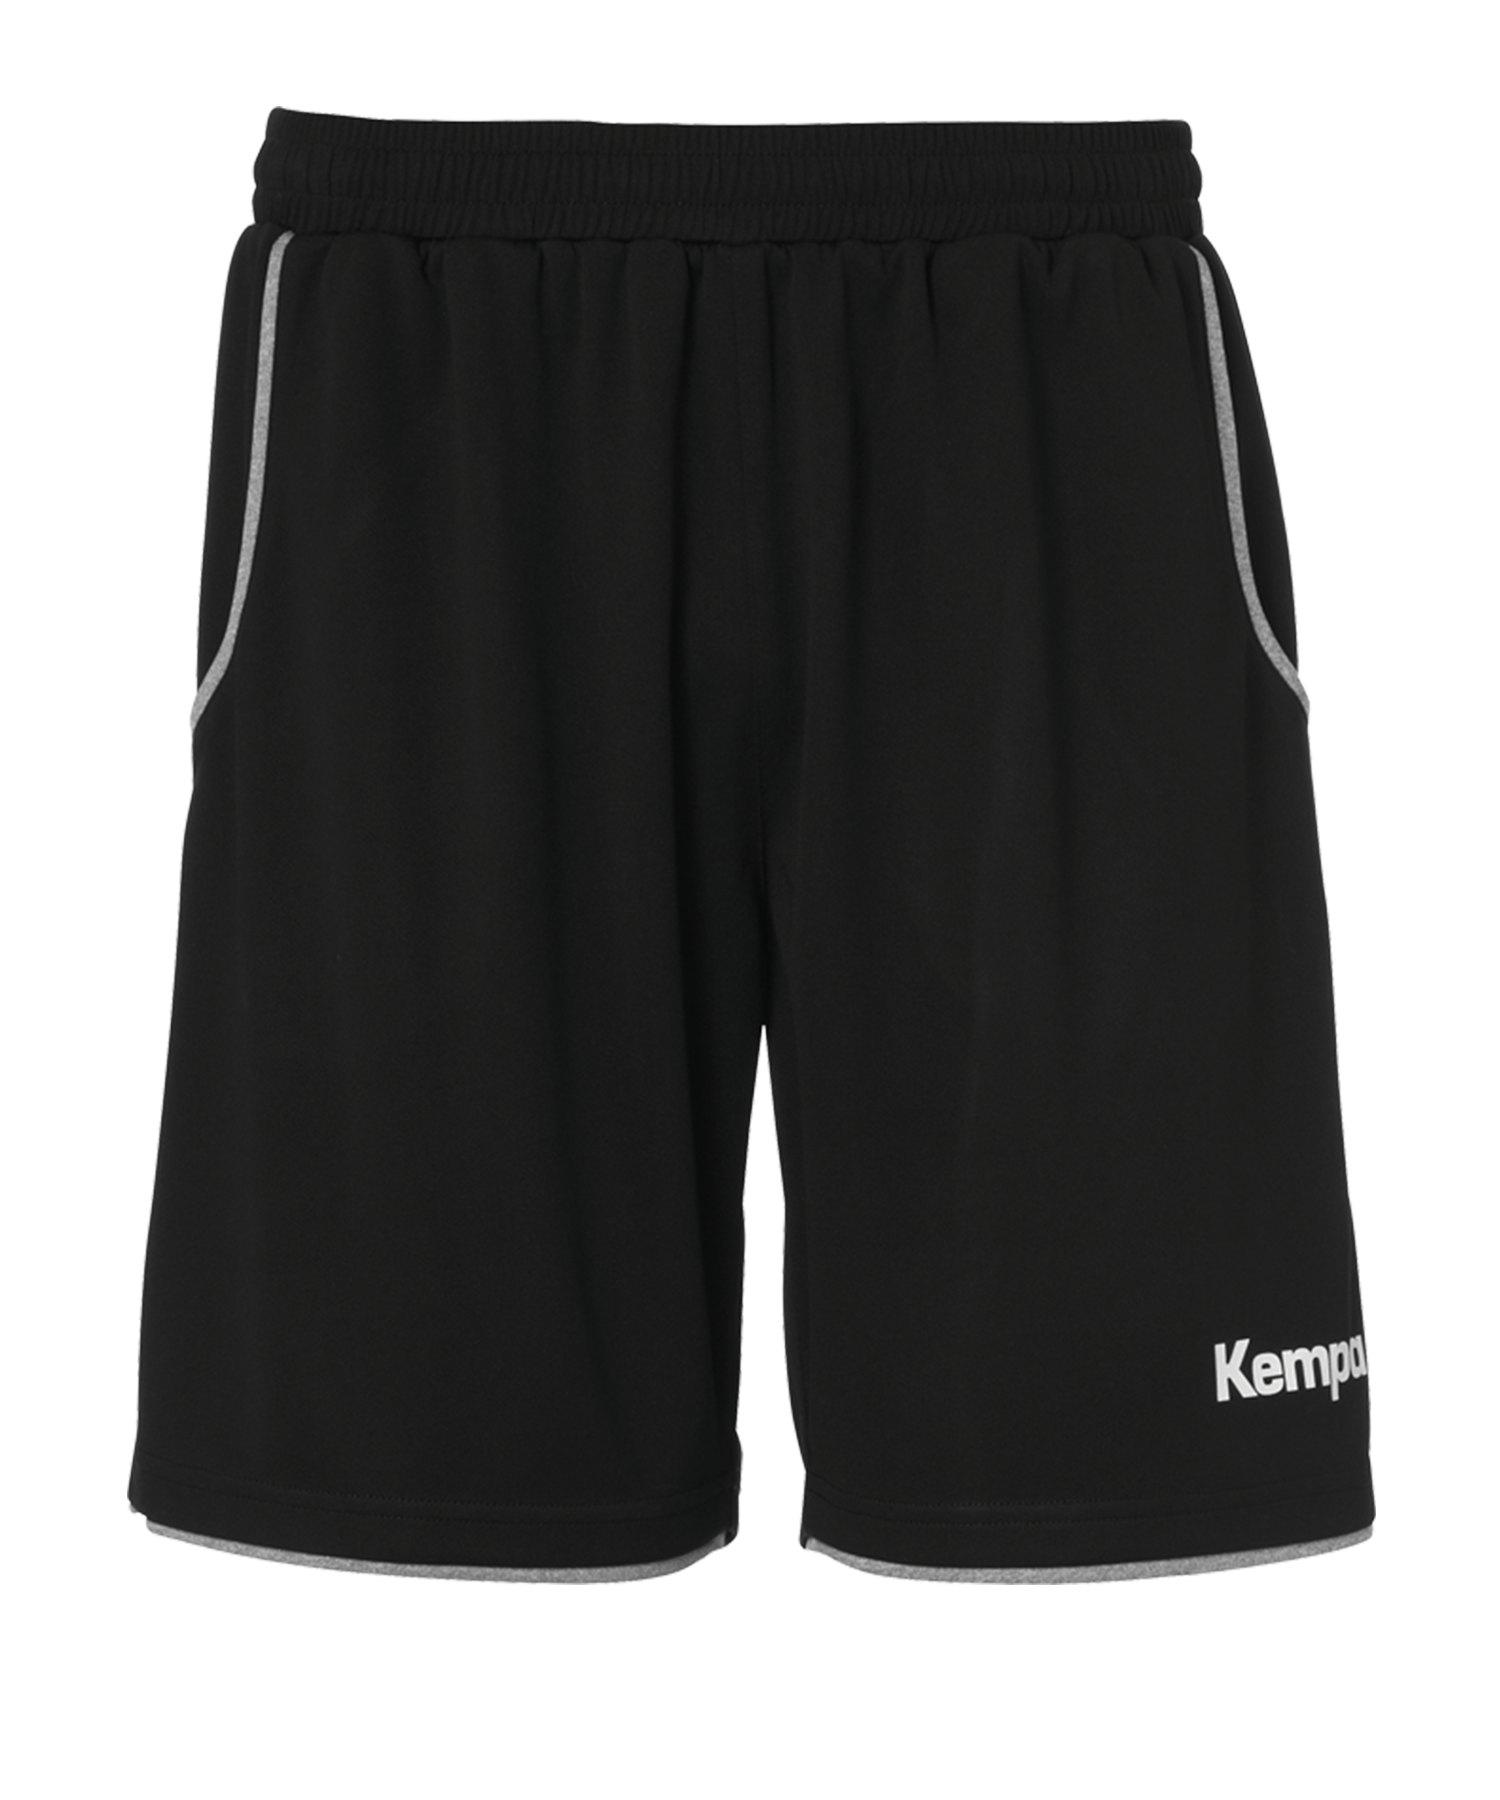 Uhlsport Schiedsrichtershort Schwarz F01 - schwarz